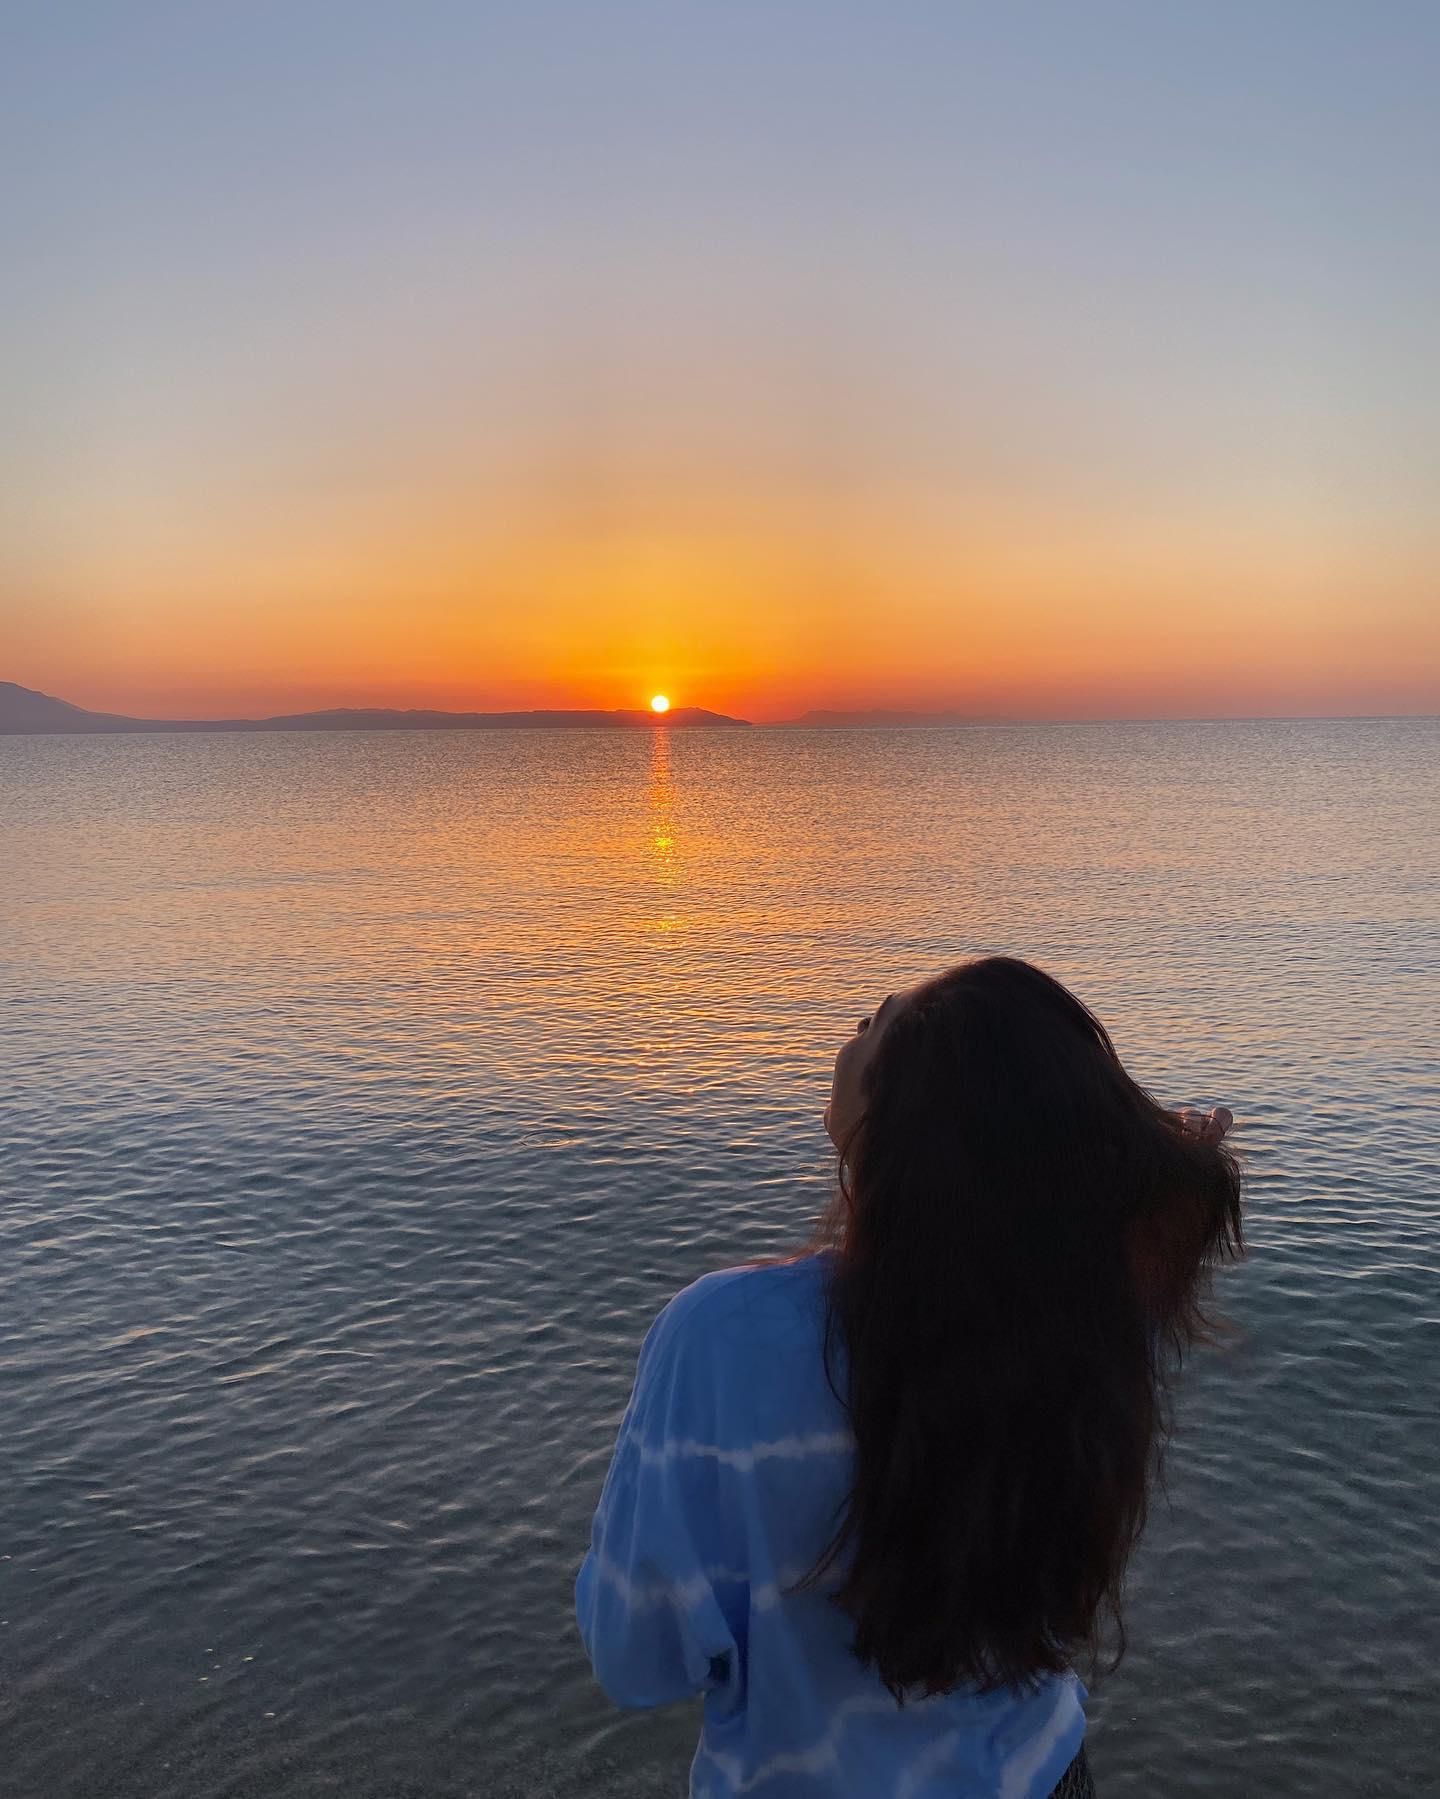 Nach zahlreichen Fehlversuchen heute doch noch pünktlich zum Sonnenaufgang…